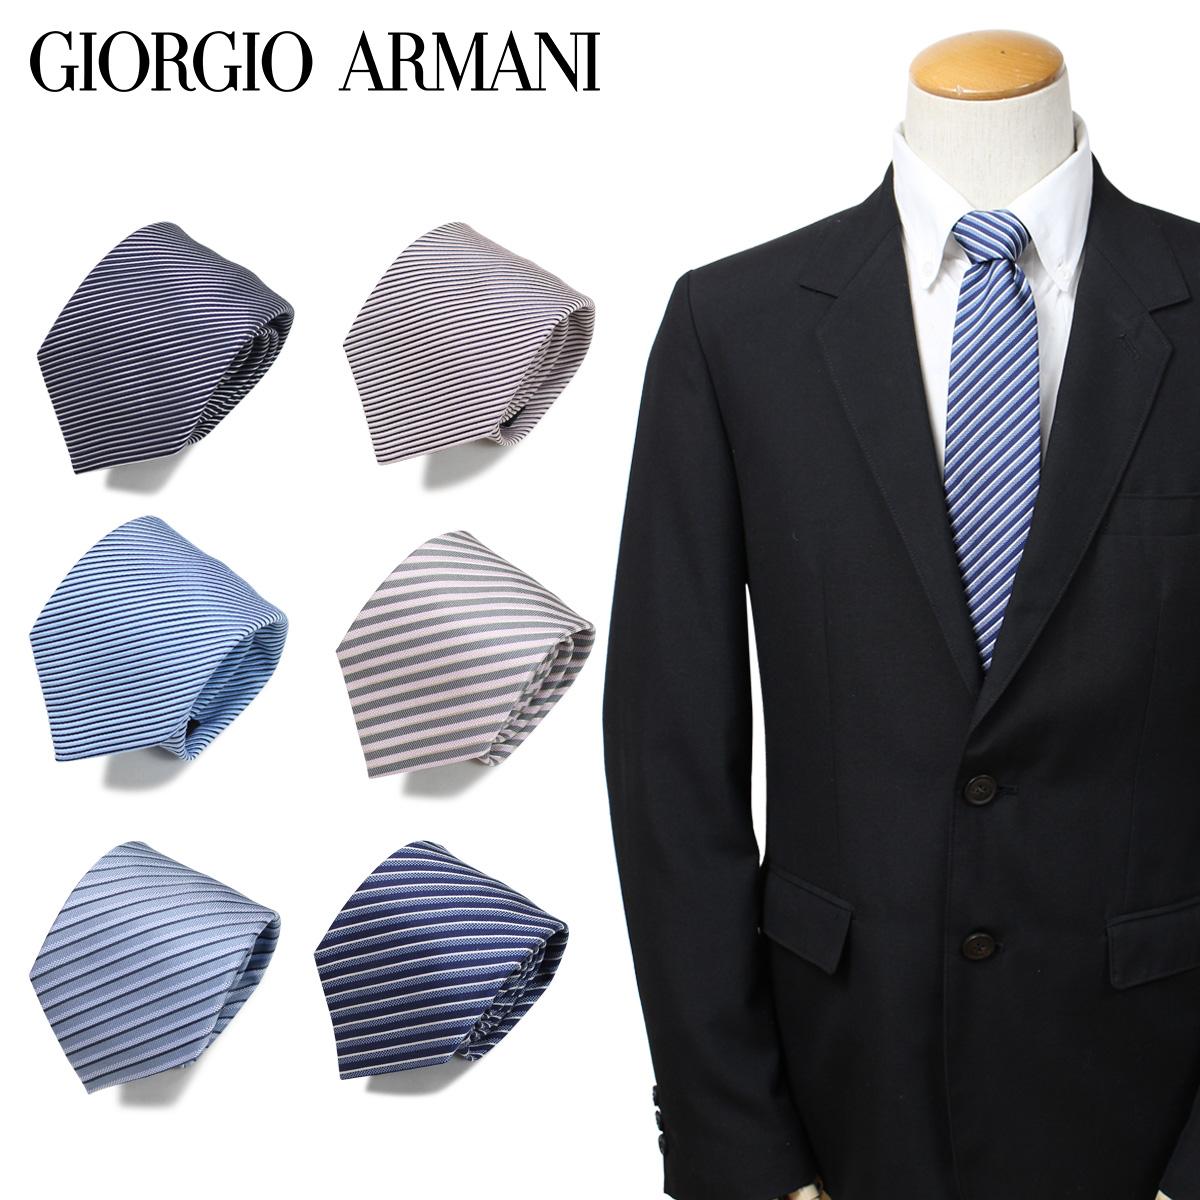 GIORGIO ARMANI ジョルジオ アルマーニ メンズ ネクタイ イタリア製 シルク ビジネス 結婚式 [3/25 新入荷]